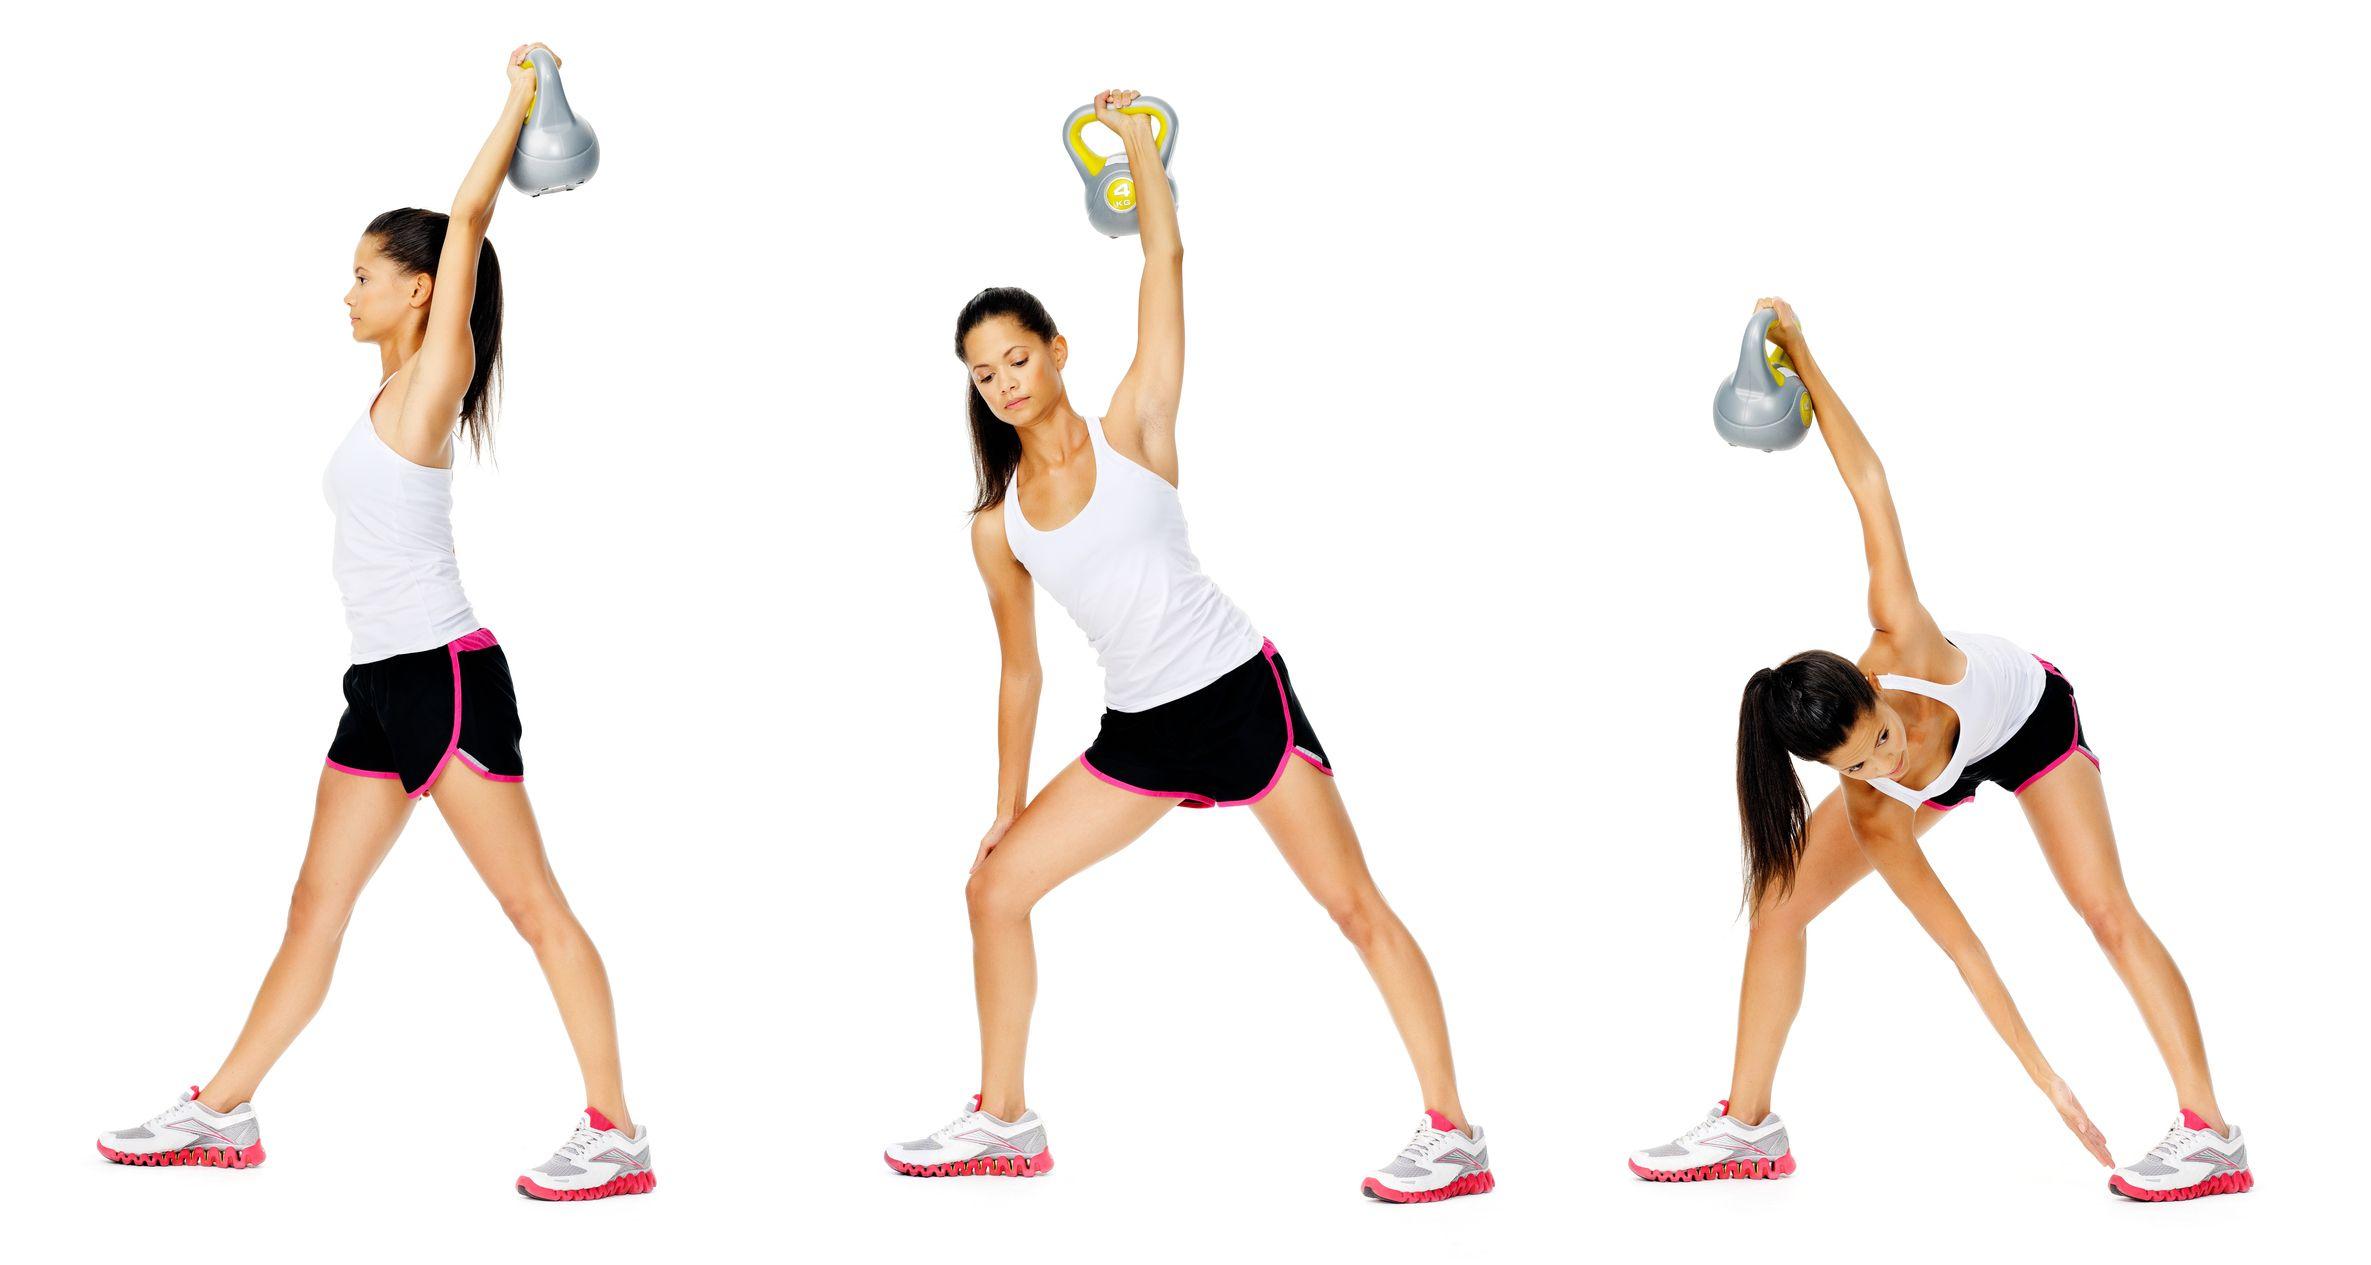 Mientras levantas el peso con el brazo estirado en ángulo recto hacia arriba, con el otro brazo intentar tocar la punta del pie inverso.